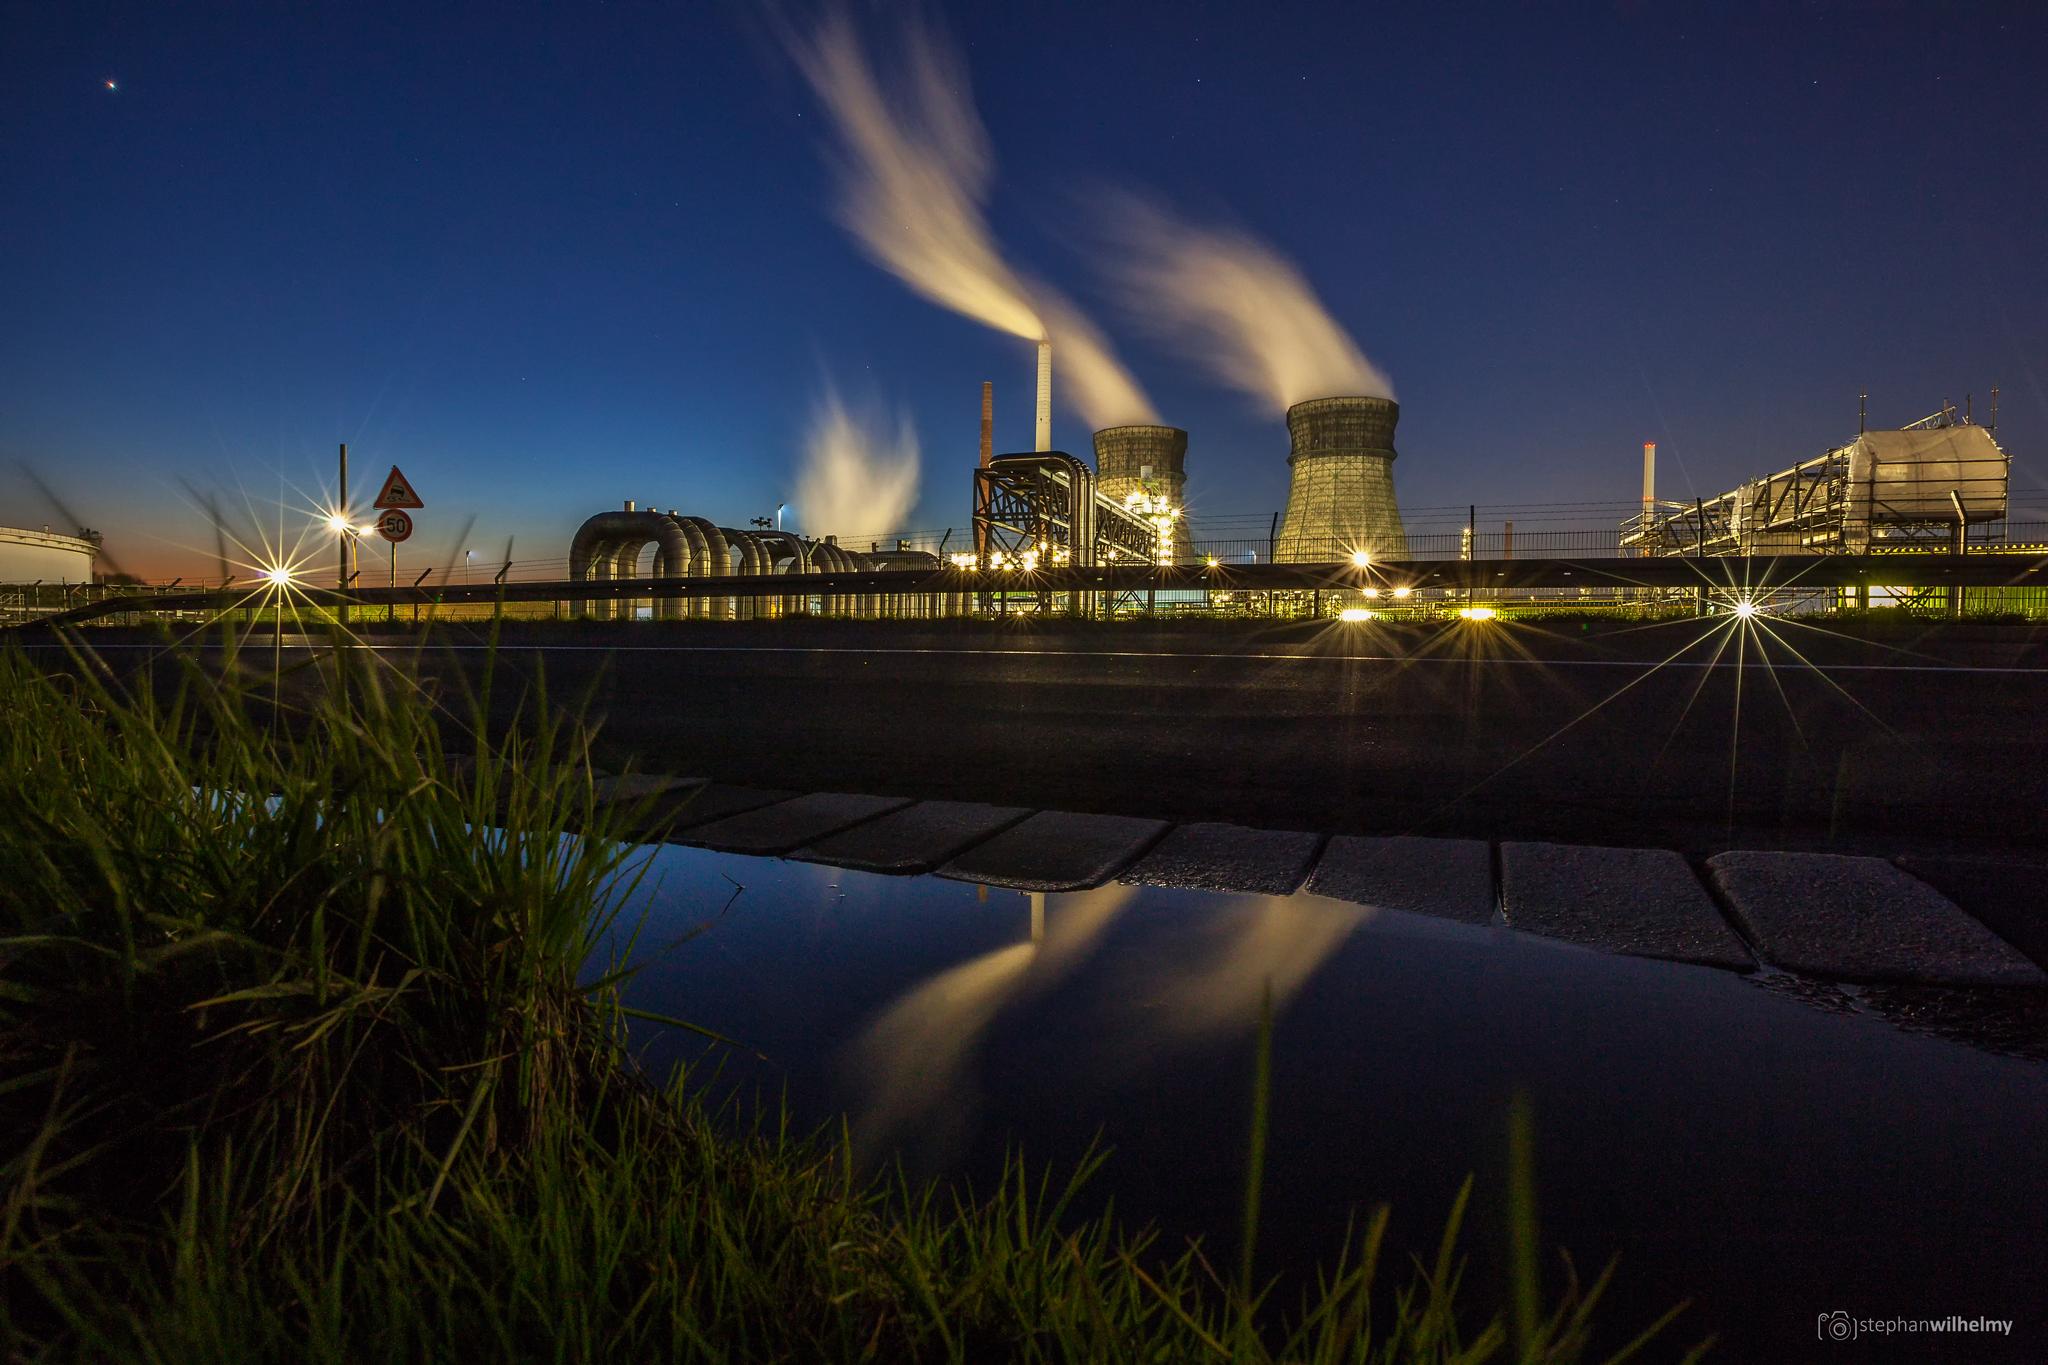 Rheinland Raffinerie Nord, Germany